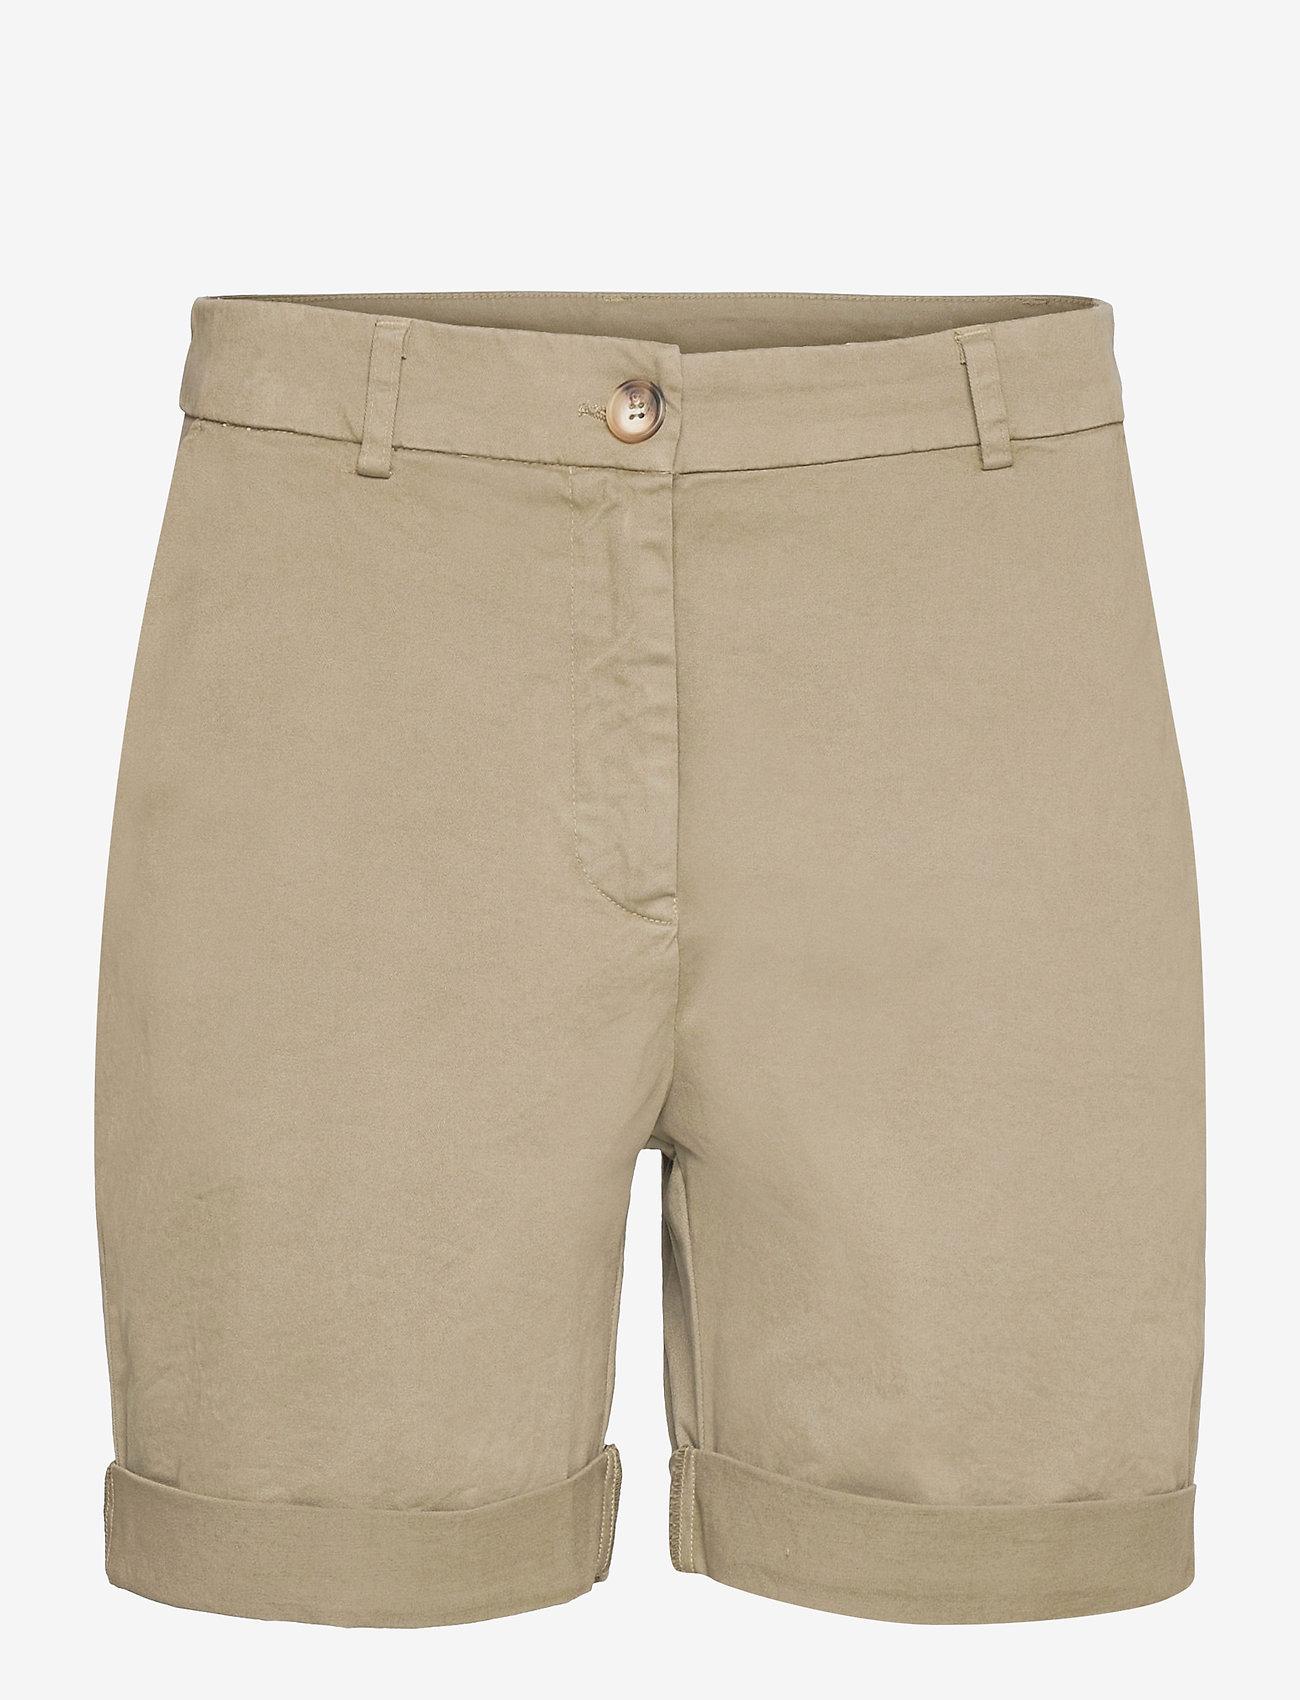 Rabens Saloner - Calina - chino shorts - army - 0